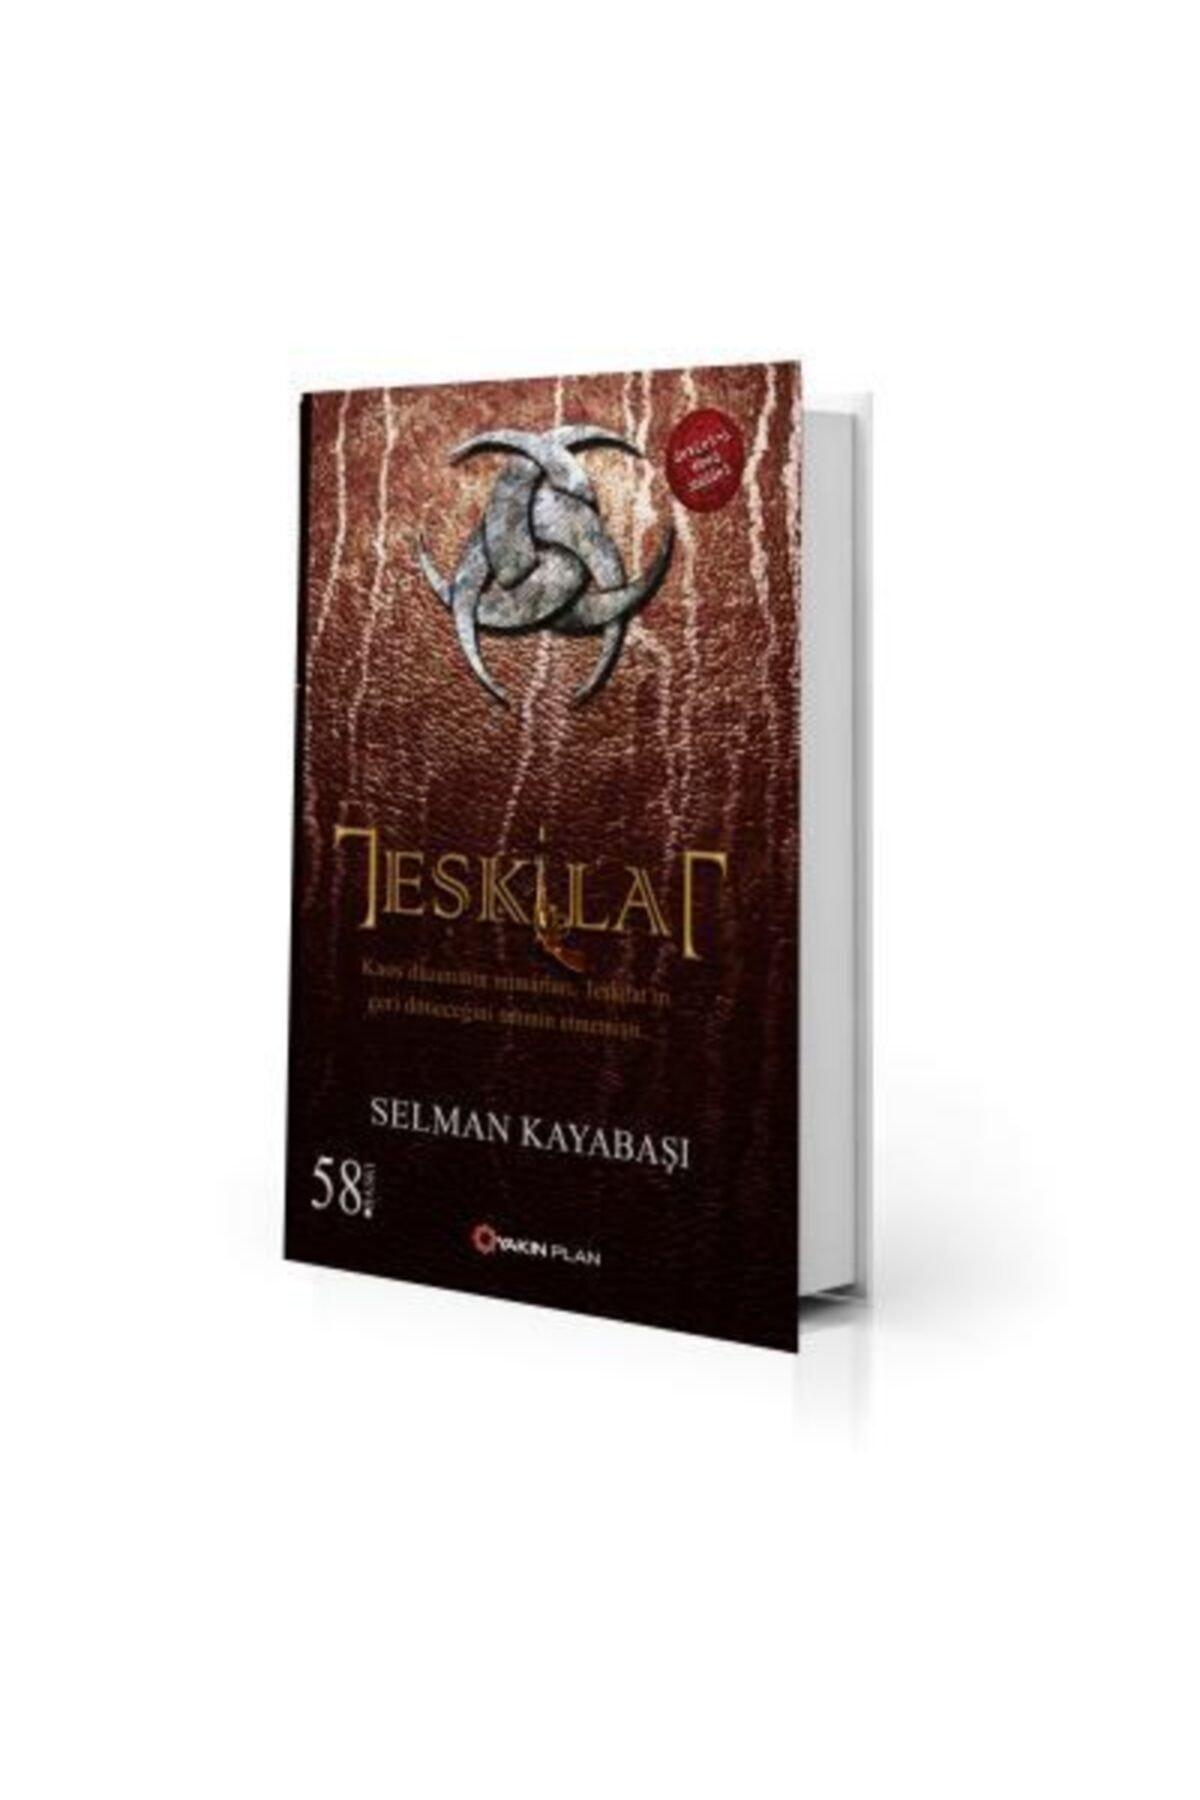 Yakın Plan Yayınları Teşkilat- Selman Kayabaşı 1